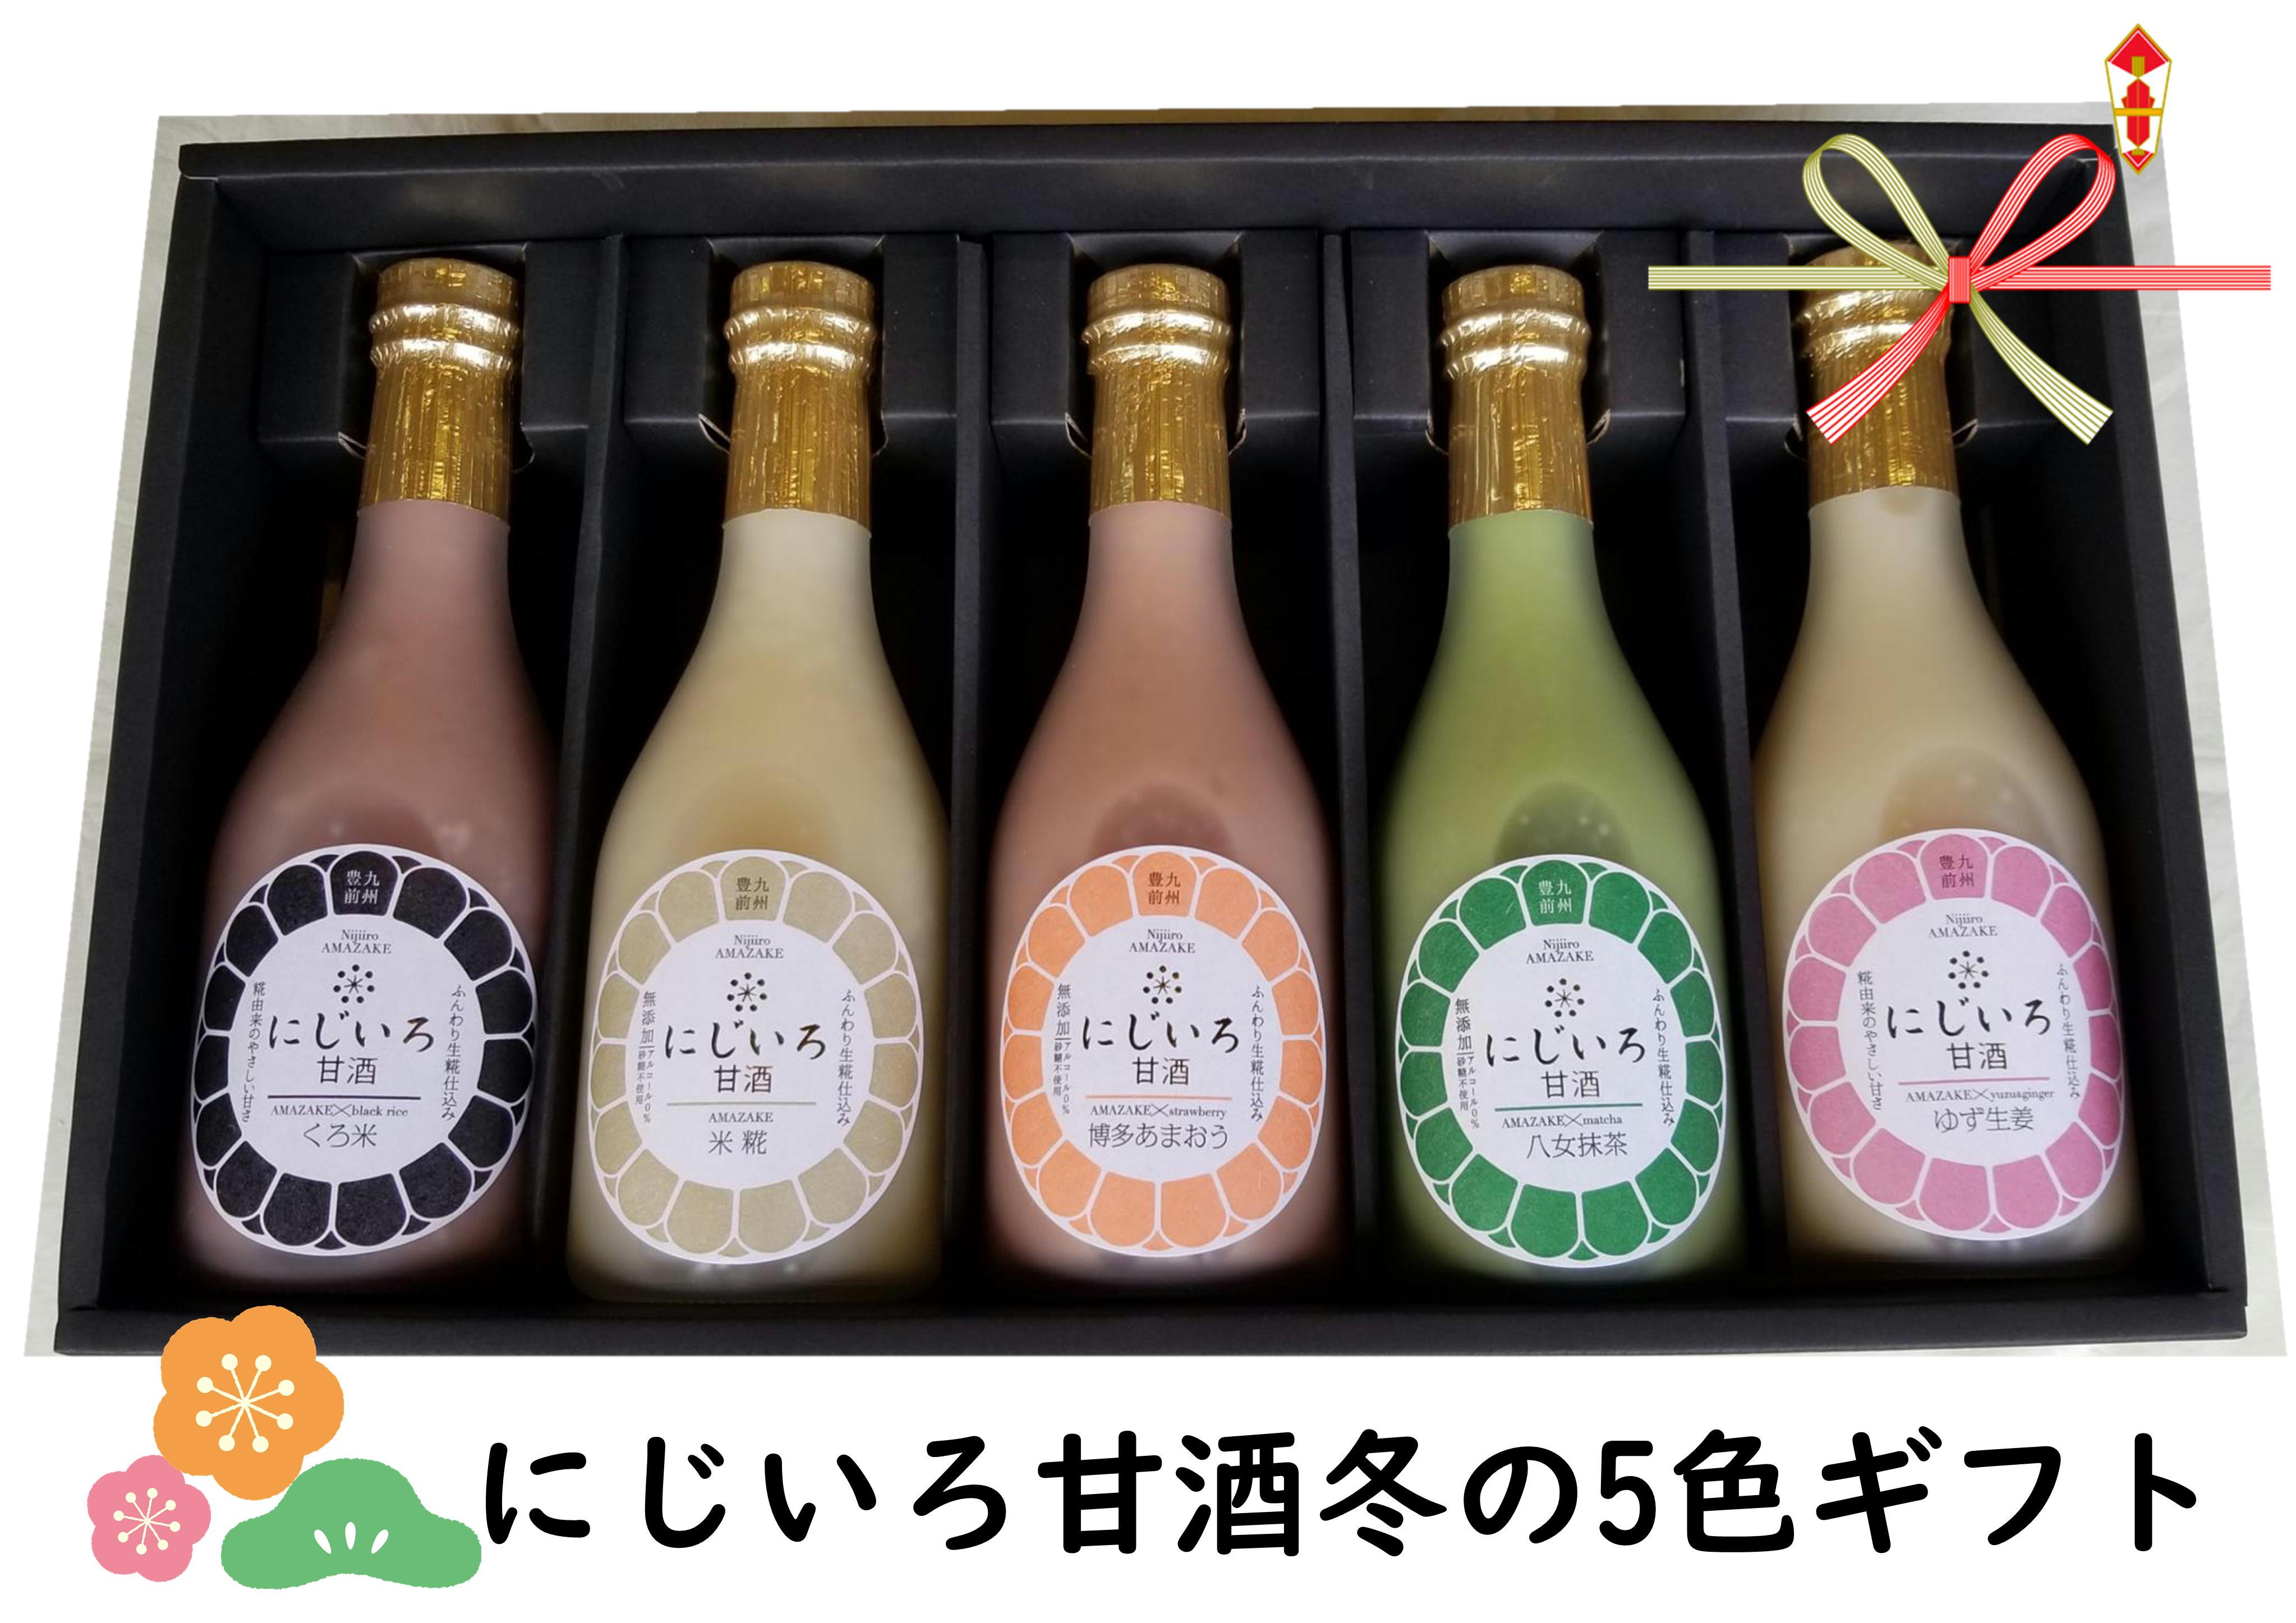 にじいろ甘酒冬の5色ギフトセット(博多あまおう・米糀・八女抹茶・ゆず生姜・くろ米)【お歳暮・ギフトに】